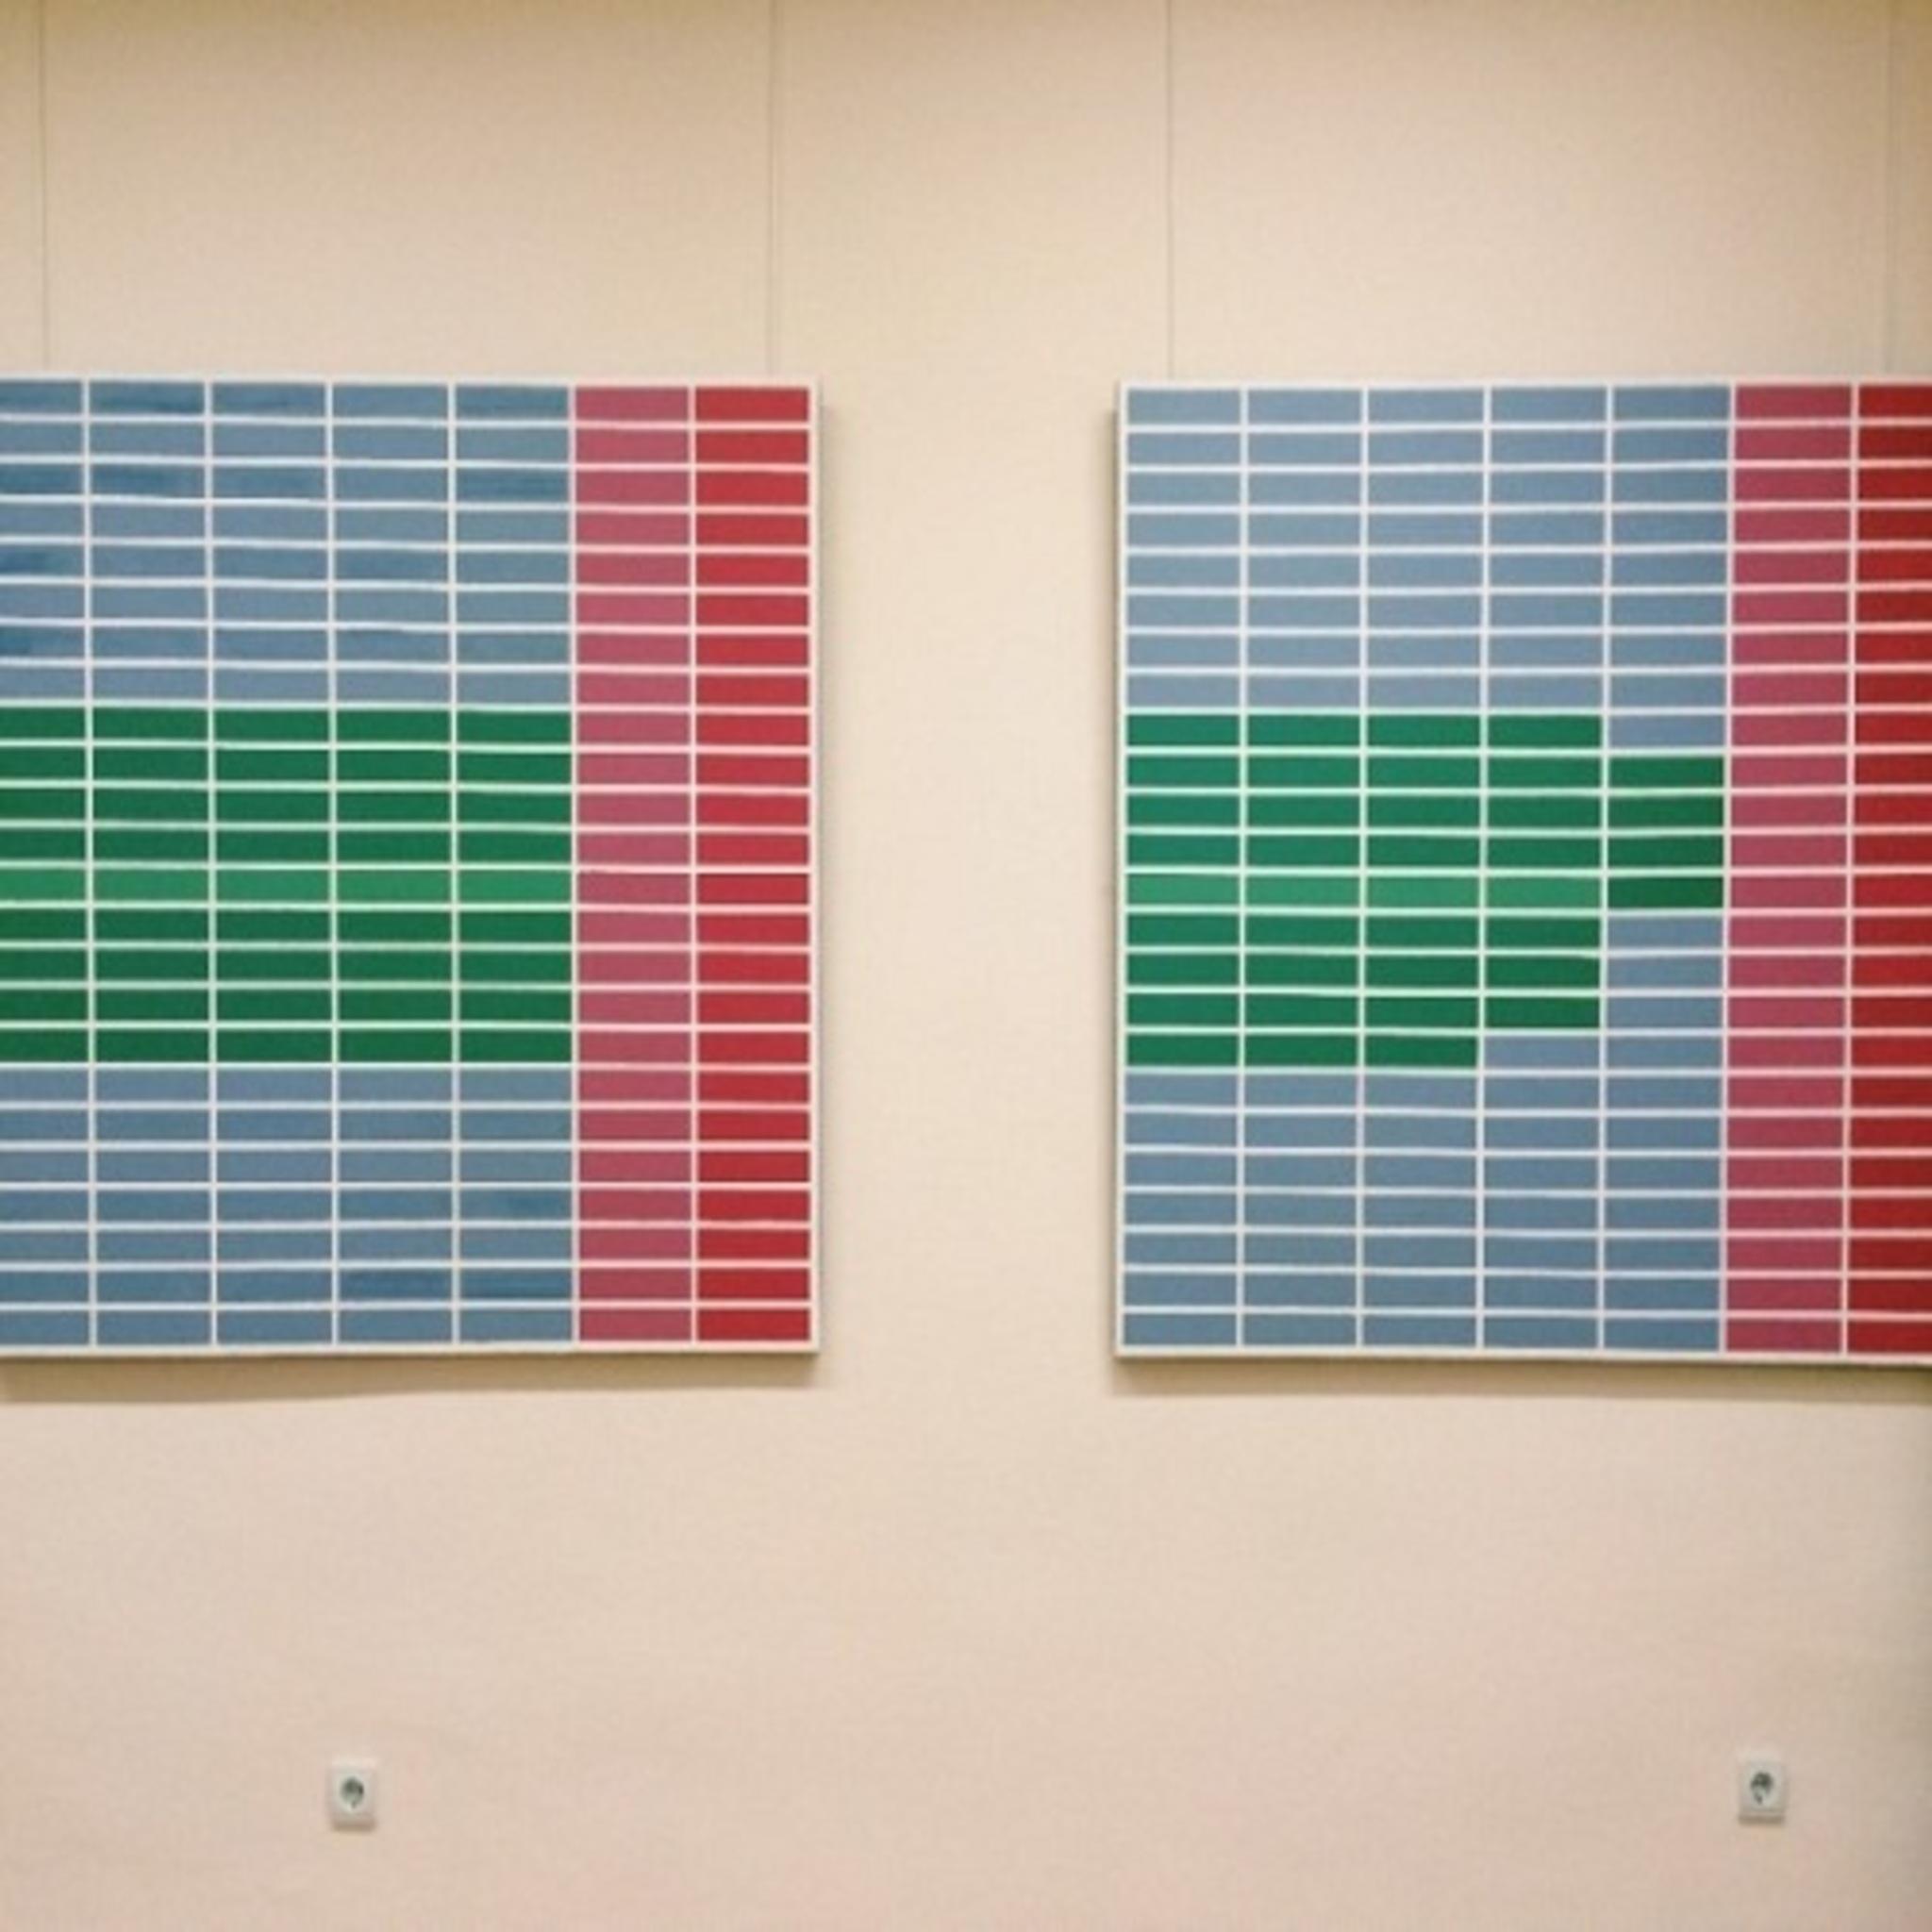 Программа мероприятий выставки «Музей современного искусства: Департамент труда и занятости»